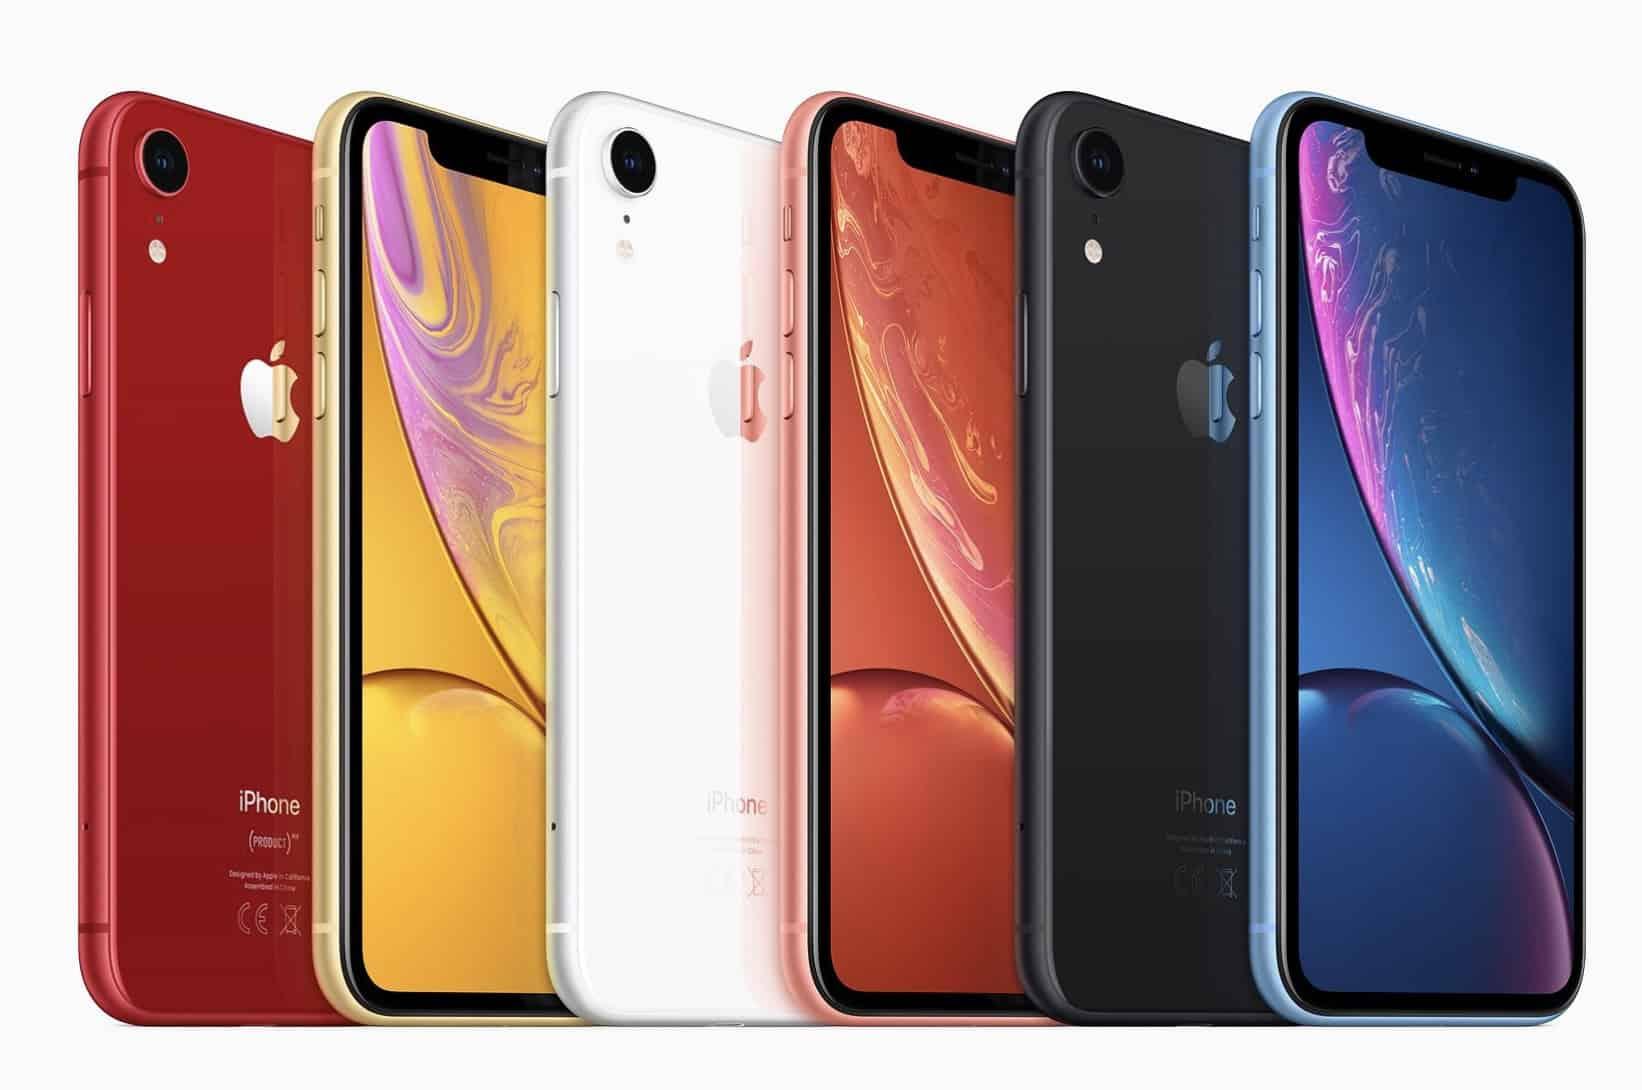 L'iPhone XR 2 pourrait être proposé en deux nouveaux coloris